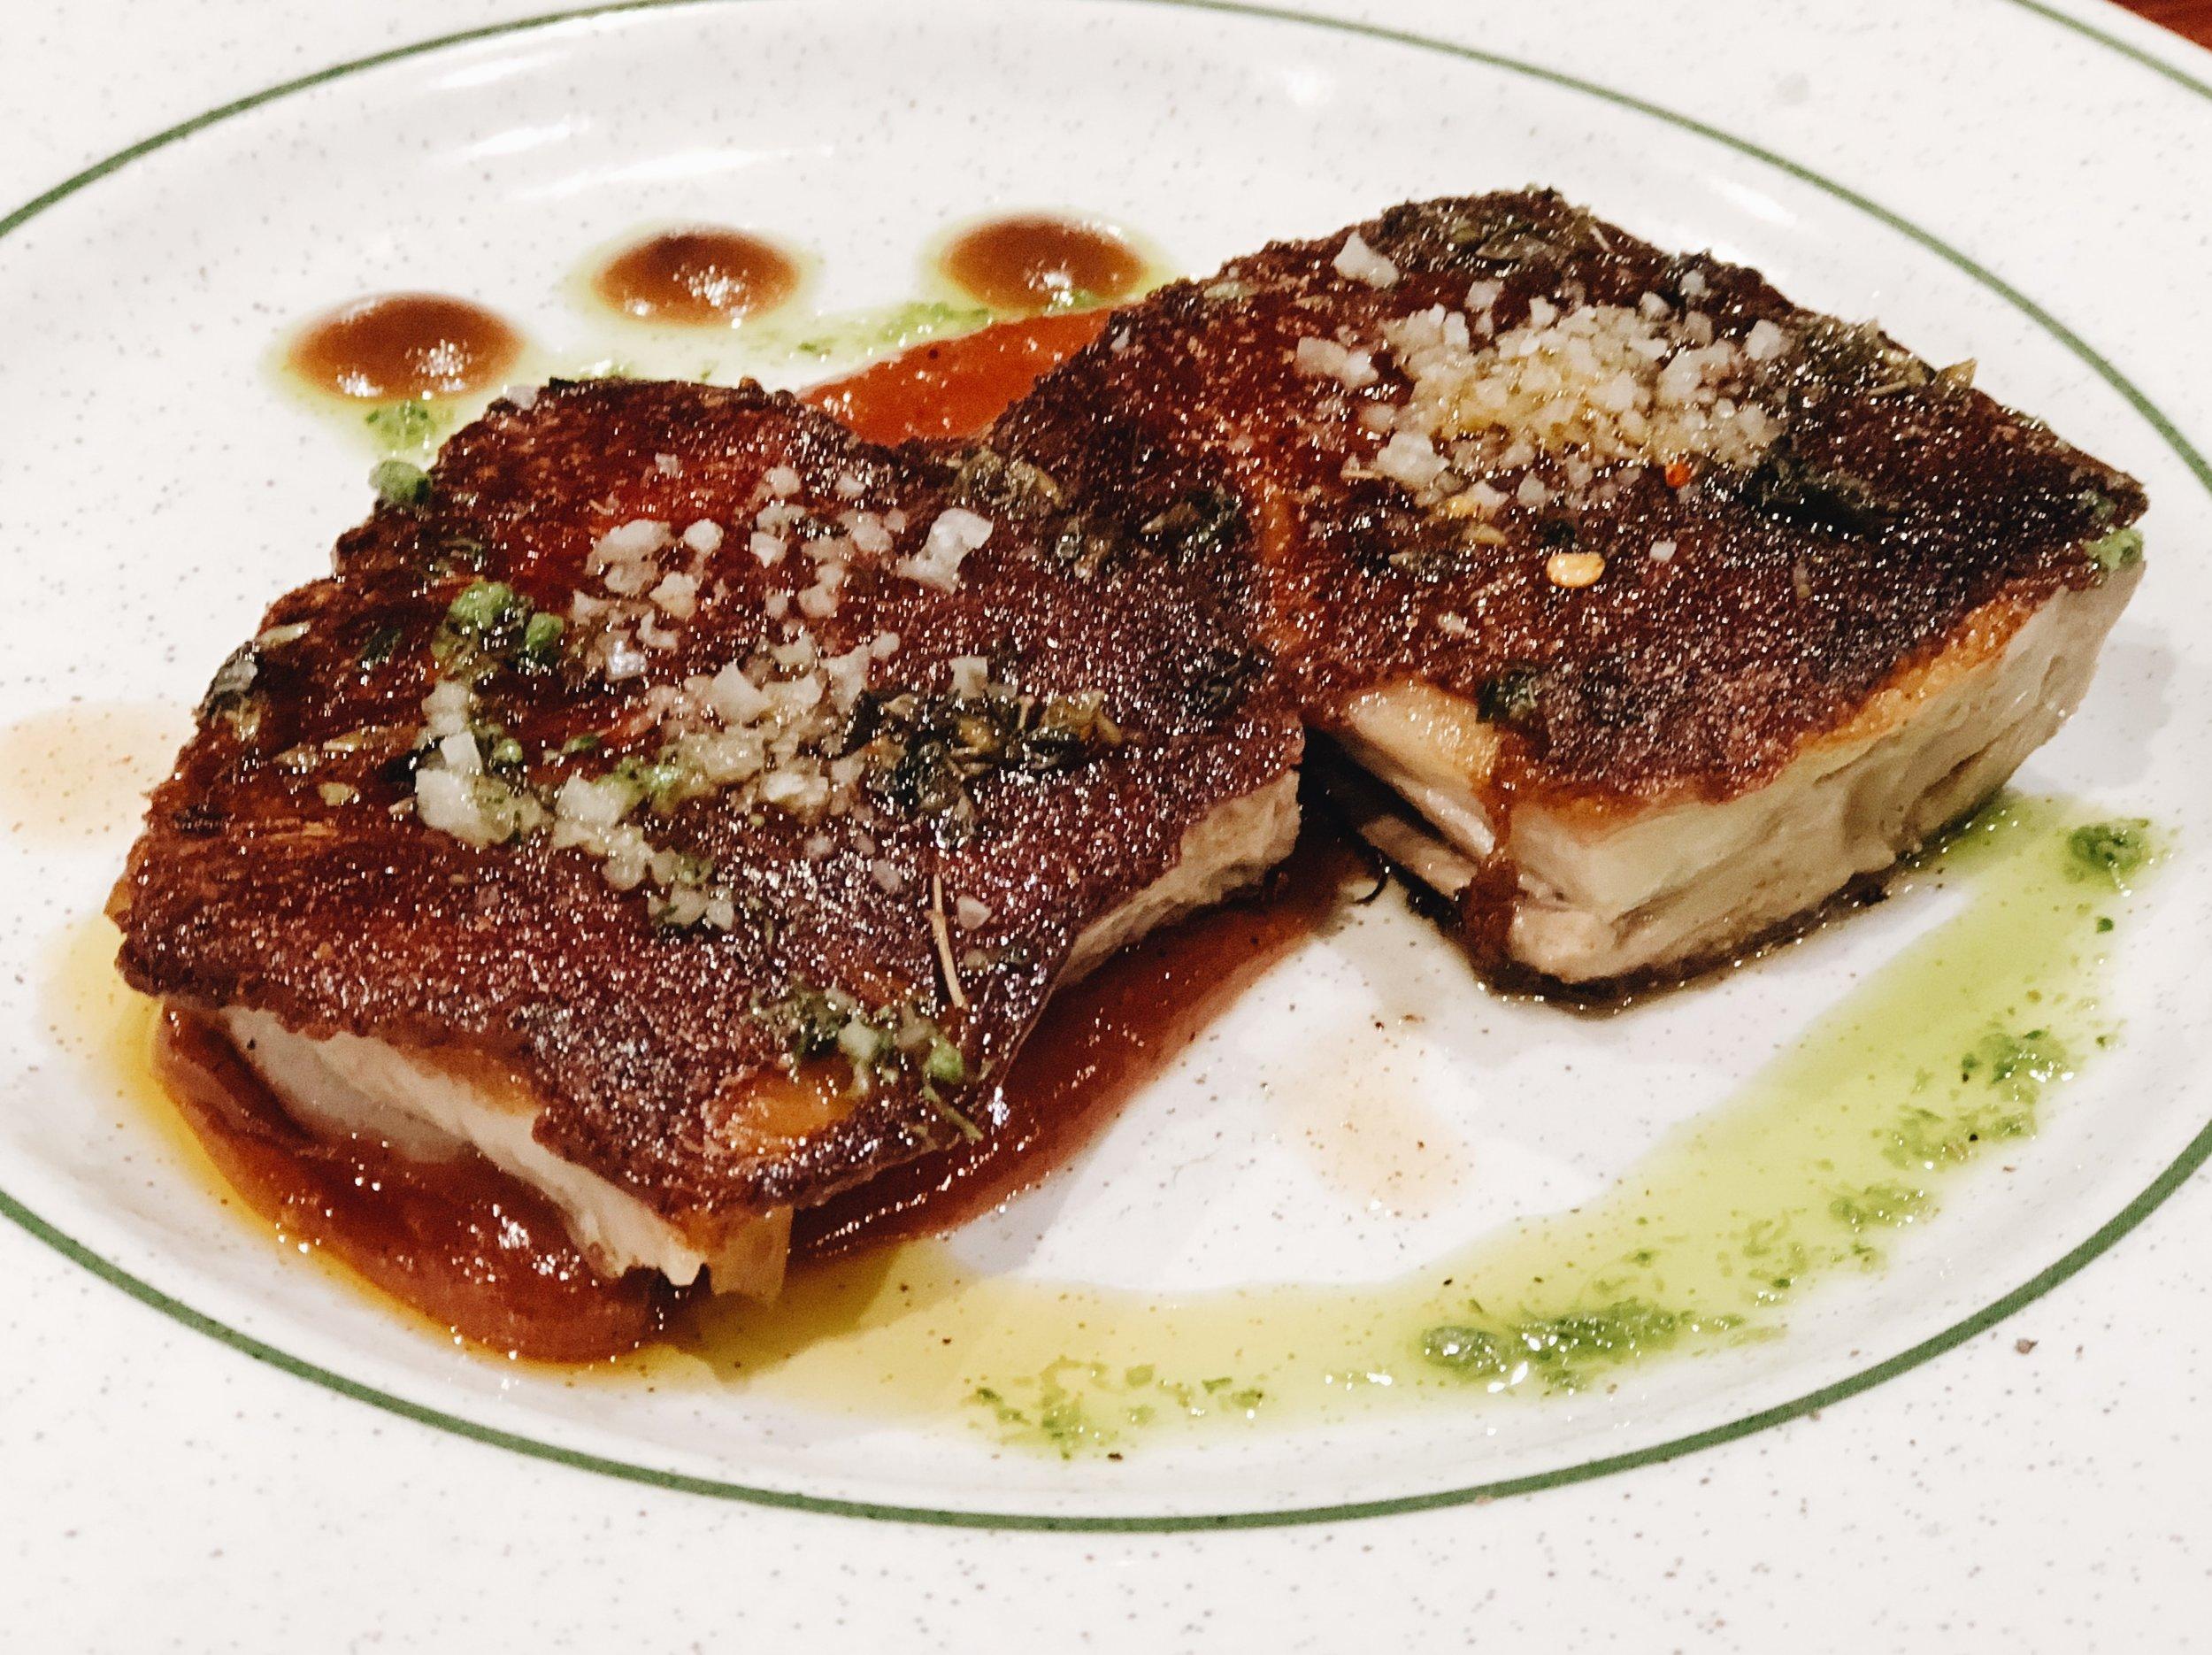 cochinilla pork pintxo at La Cuchara de San Telmo San Sebastian